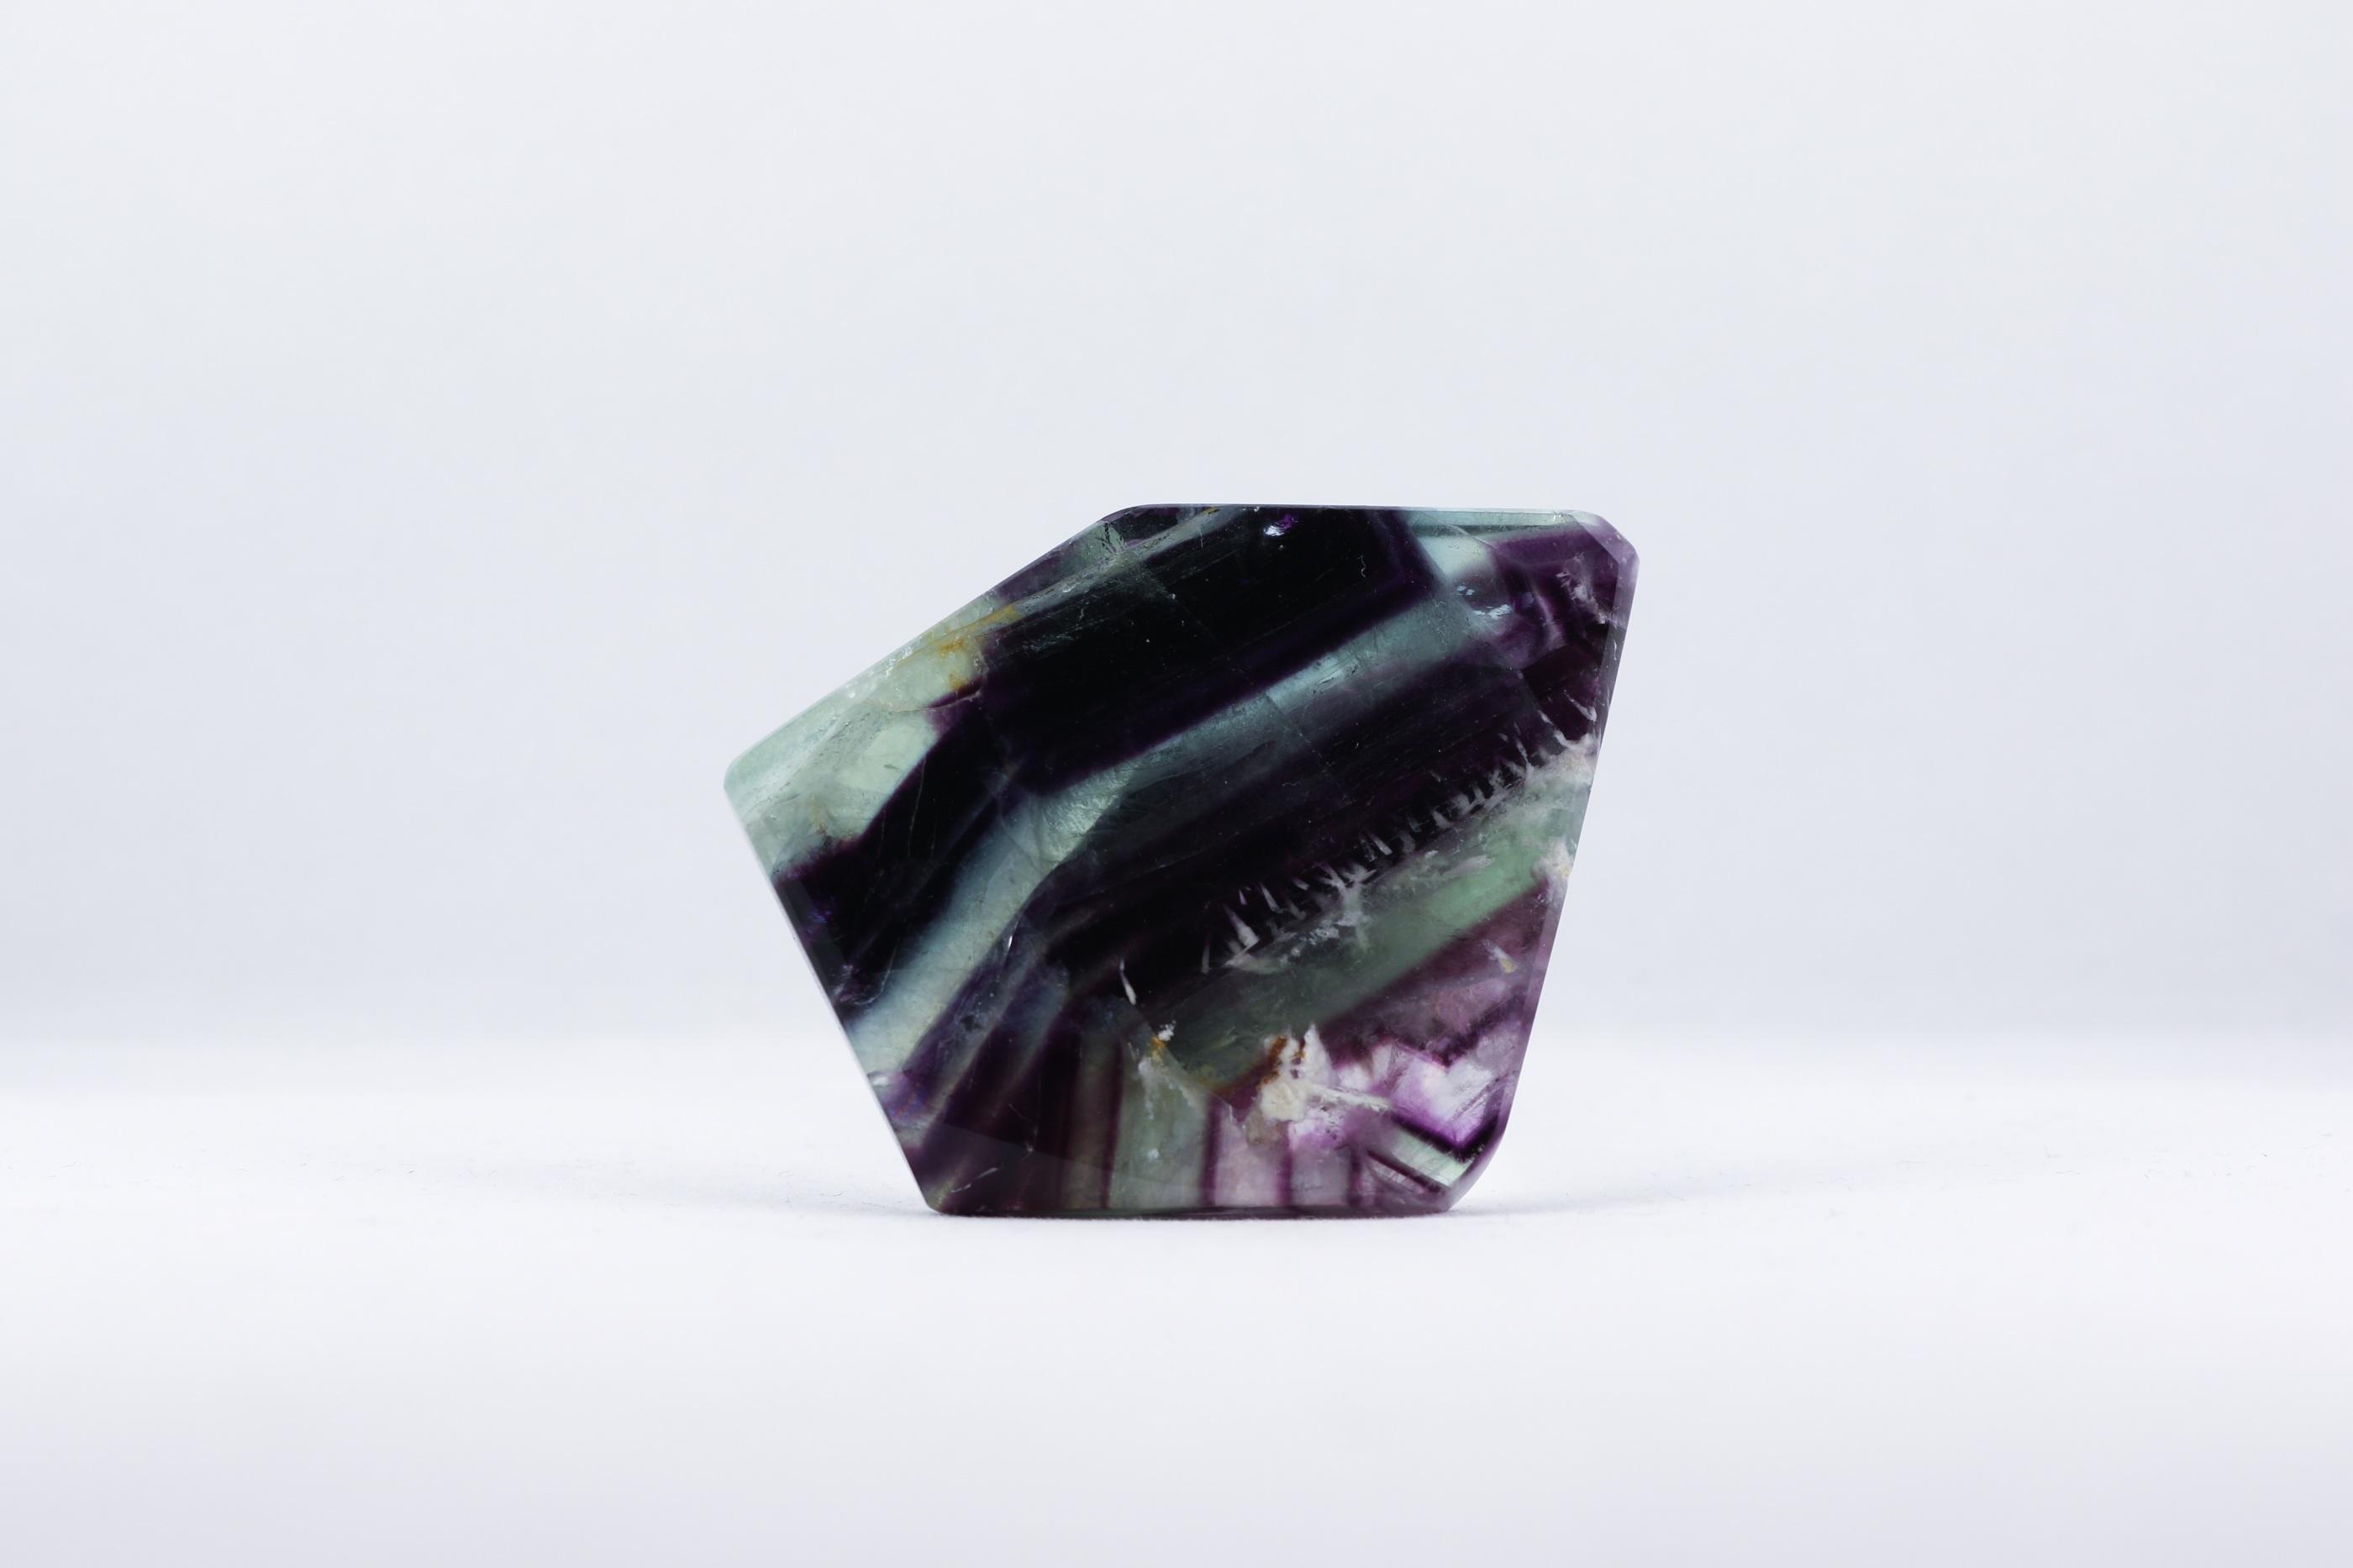 Fluorit skiva trumlade spets stav kristaller slipade stenar healing stenar chakra stenar Wellness Ayurveda Halmstadmassören Halmstad Sverige Sweden svensk